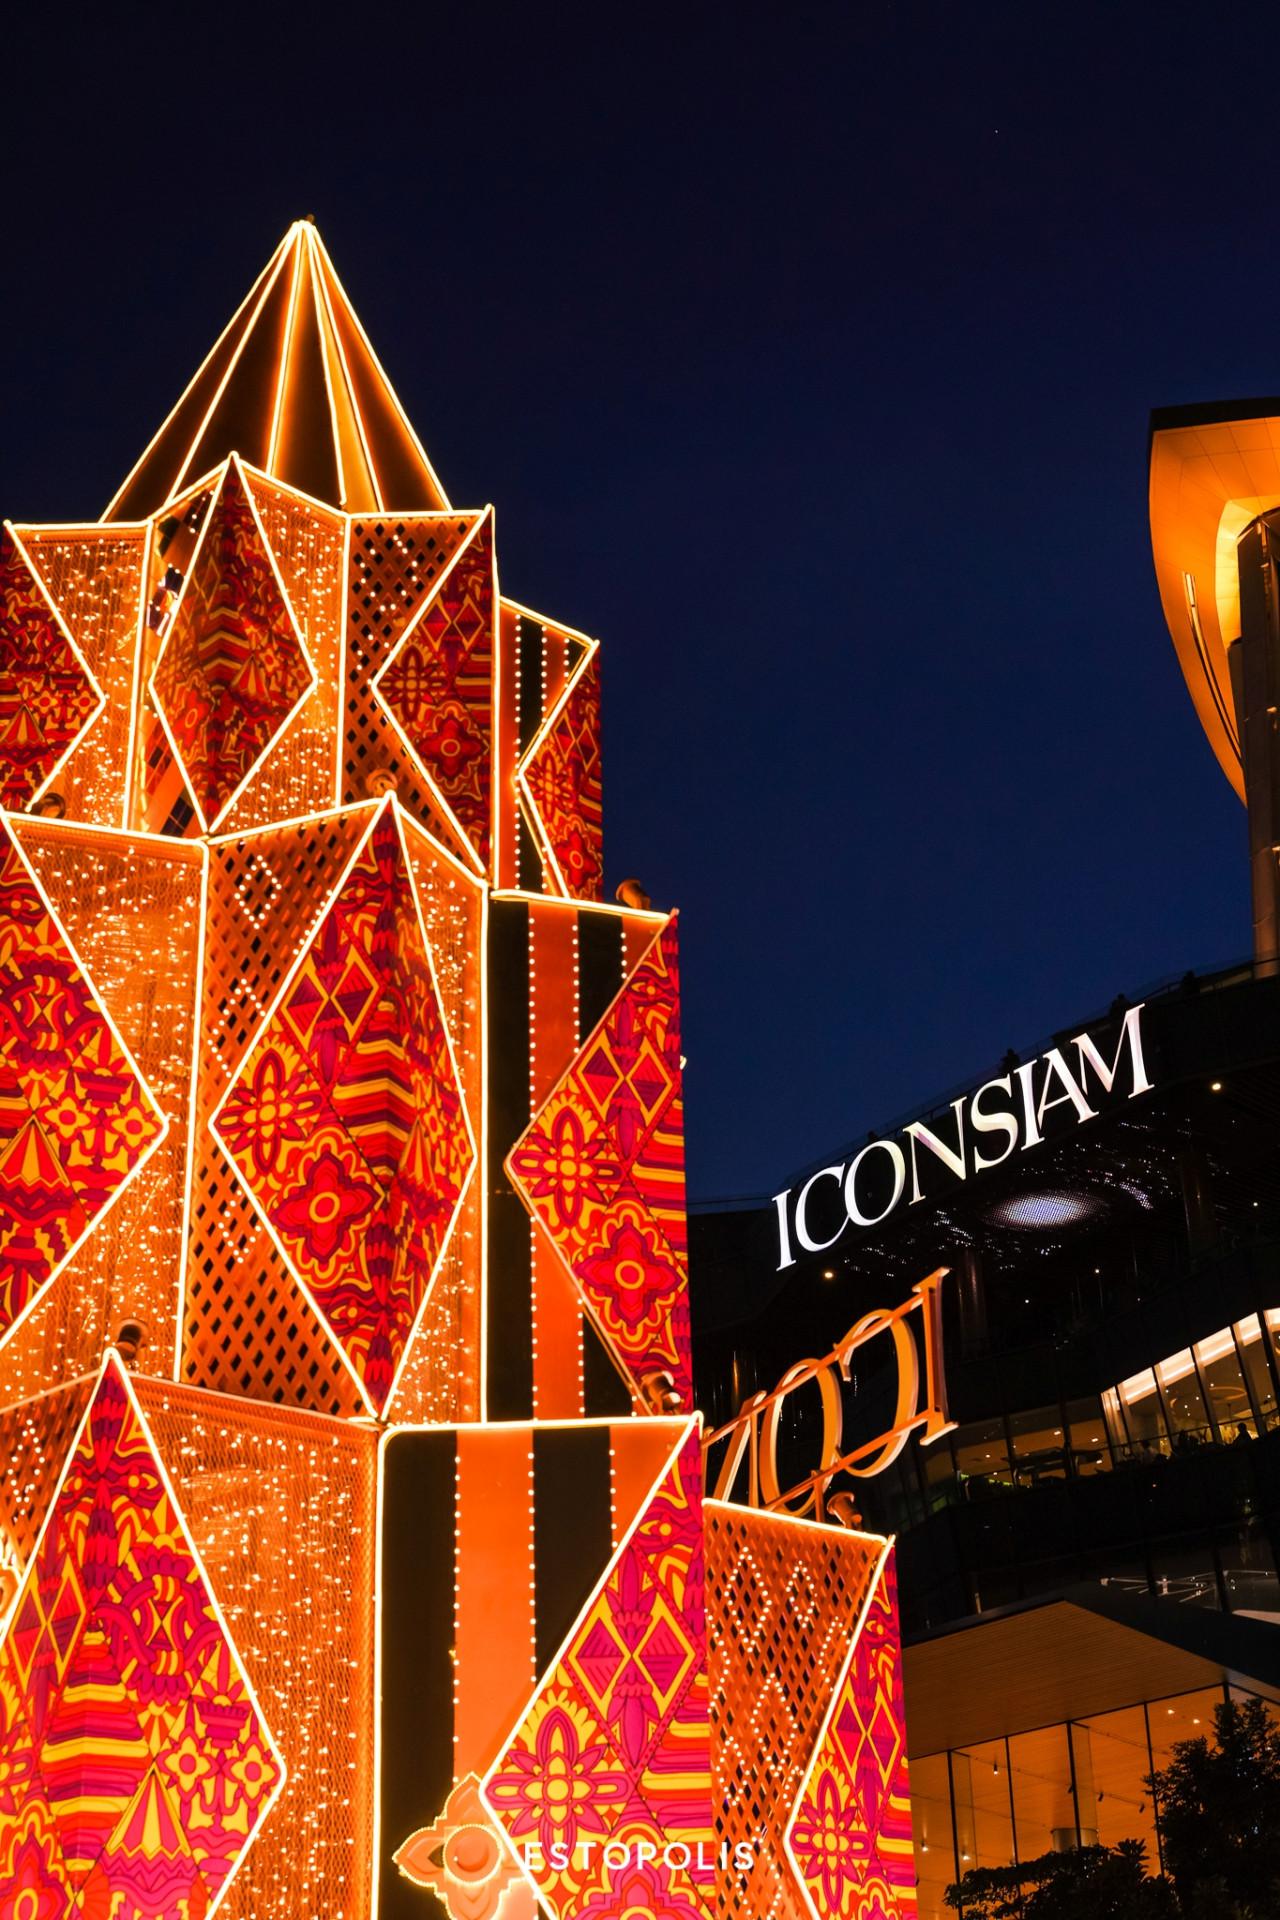 รีวิวเทศกาลงานไฟ ICONSIAM 2020 Bangkok Illumination 2020 At ICONSIAM